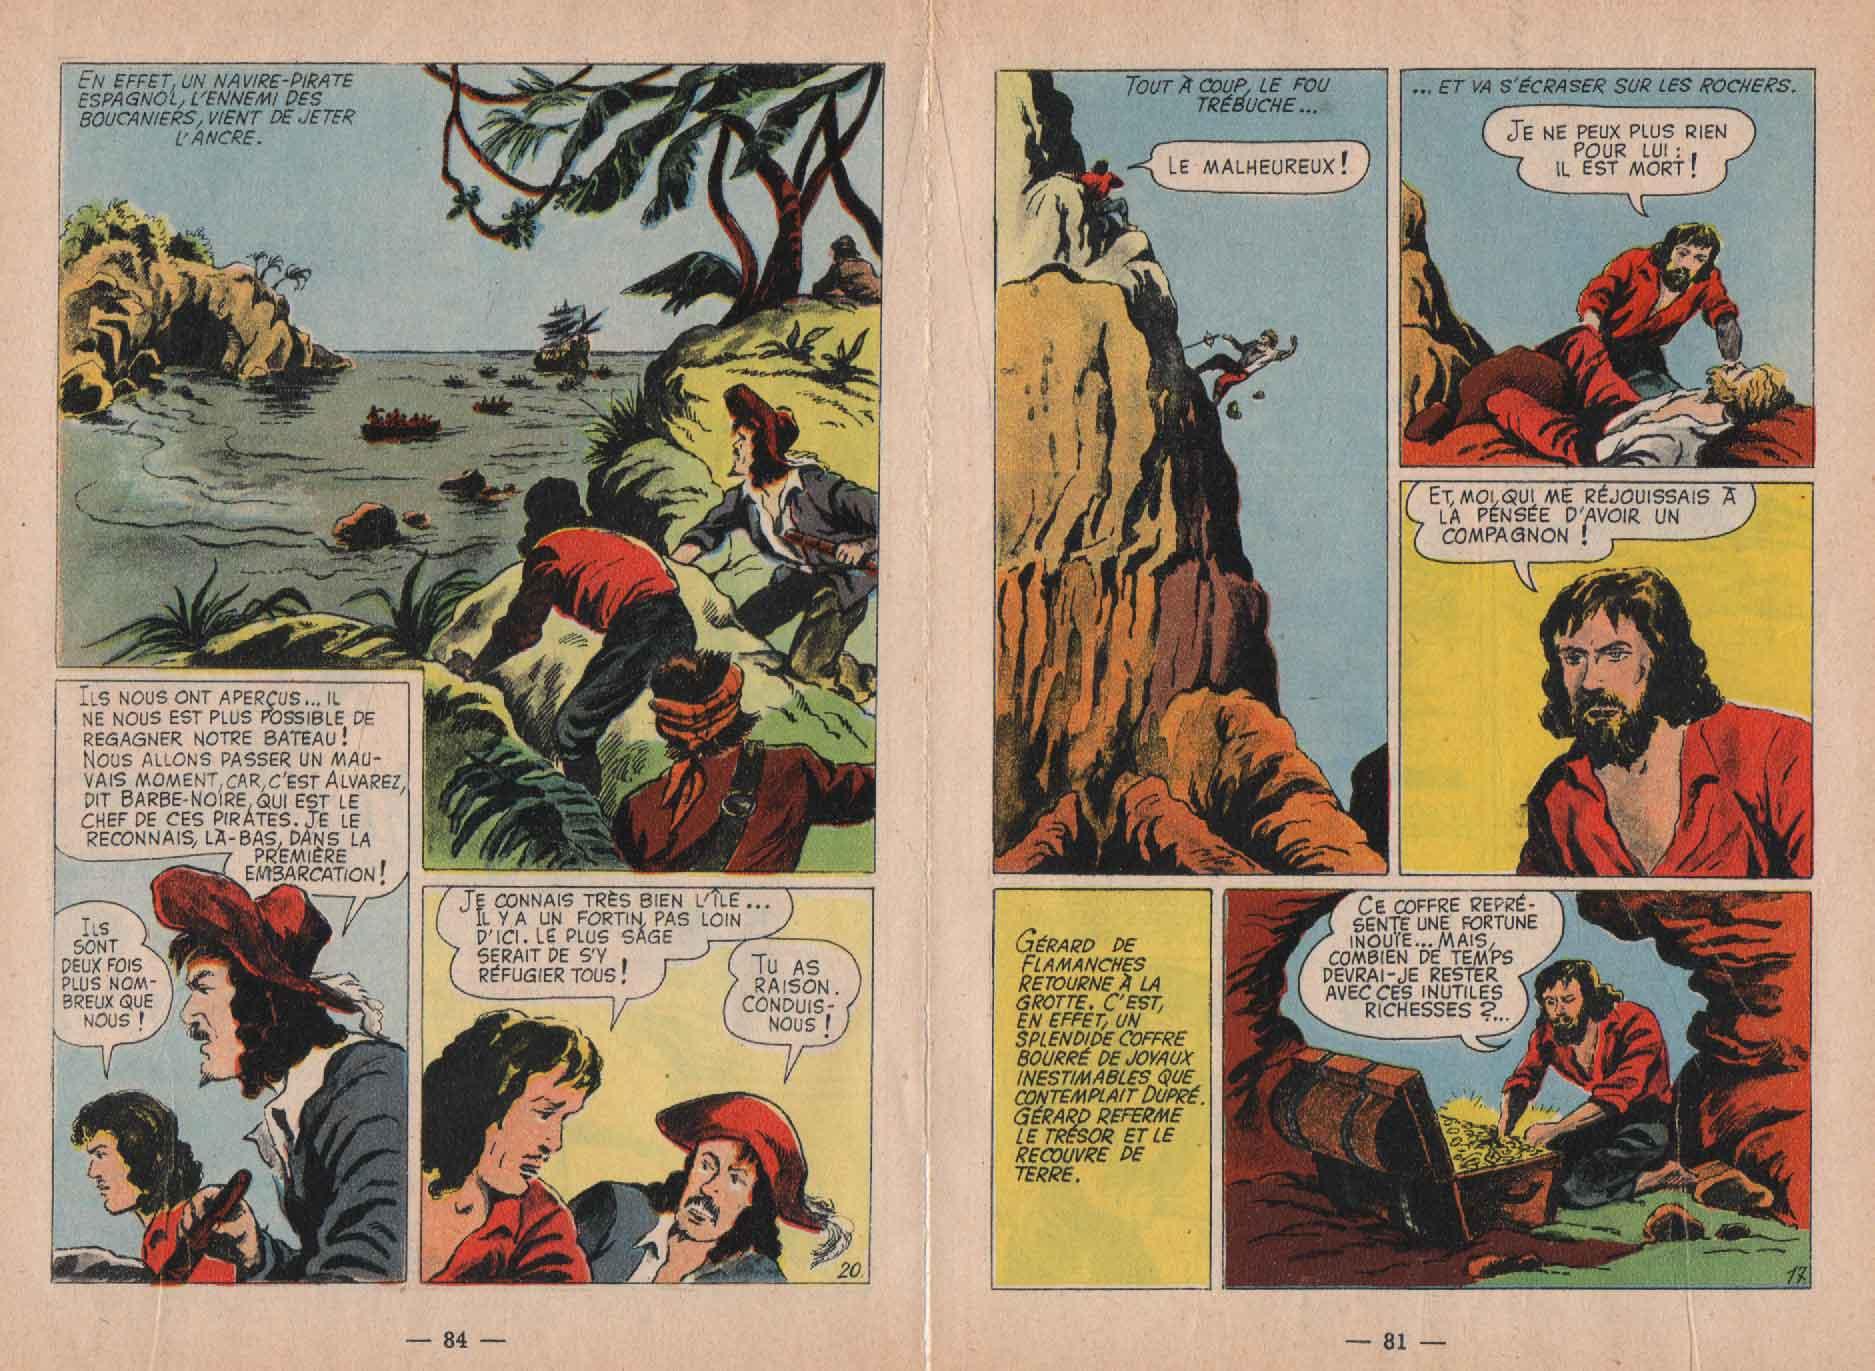 « L'Appel de l'aventure » Arc en ciel n° 3 (01/1957).